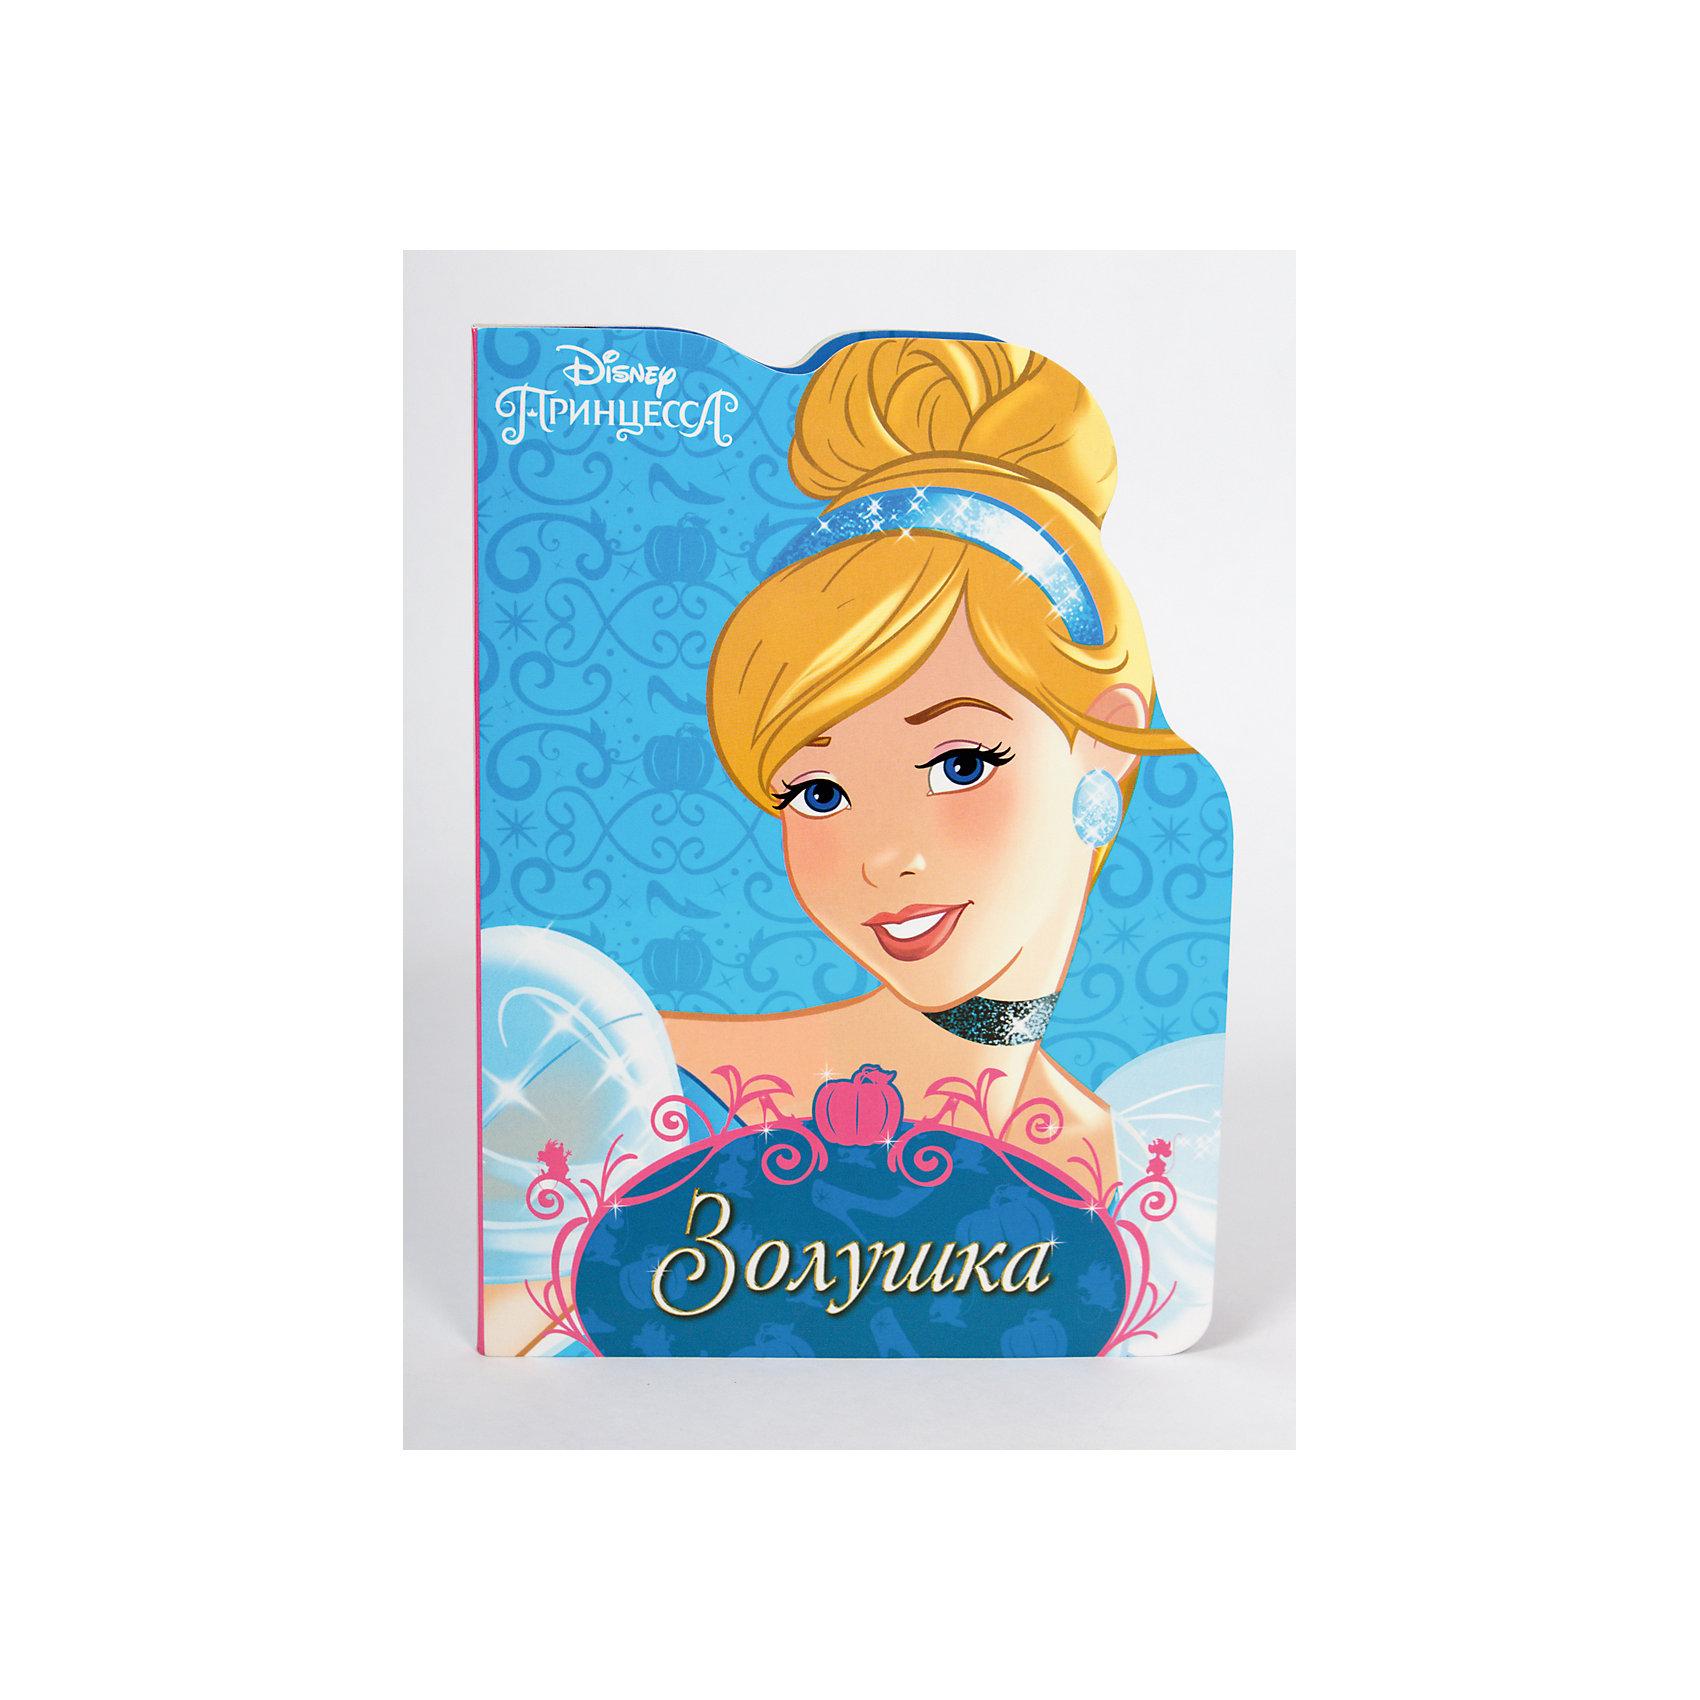 Золушка, DisneyШарль Перро<br>Книга Вырубка. Золушка, Disney.<br><br>Характеристики:<br><br>• Издательство: Проф-Пресс, 2017 г.<br>• Серия: Disney. Вырубка. Принцессы<br>• Тип обложки: картонная обложка<br>• Оформление: вырубка<br>• Иллюстрации: цветные<br>• Количество страниц: 10 (картон)<br>• Размер: 221x158x4 мм.<br>• Вес: 126 гр.<br>• ISBN: 9785378268160<br><br>Любимые герои Disney снова с нами! Добрая и трудолюбивая Золушка мечтала, что когда-нибудь её жизнь изменится. Несмотря на все невзгоды, она оставалась приветливой и милой. И кажется, её мечтам суждено сбыться... Читайте трогательную сказку об истинном волшебстве и чуде на страницах новой серии книг с вырубкой! Для чтения взрослыми детям.<br><br>Книгу Вырубка. Золушка, Disney можно купить в нашем интернет-магазине.<br><br>Ширина мм: 160<br>Глубина мм: 60<br>Высота мм: 220<br>Вес г: 0<br>Возраст от месяцев: 36<br>Возраст до месяцев: 2147483647<br>Пол: Женский<br>Возраст: Детский<br>SKU: 5452251